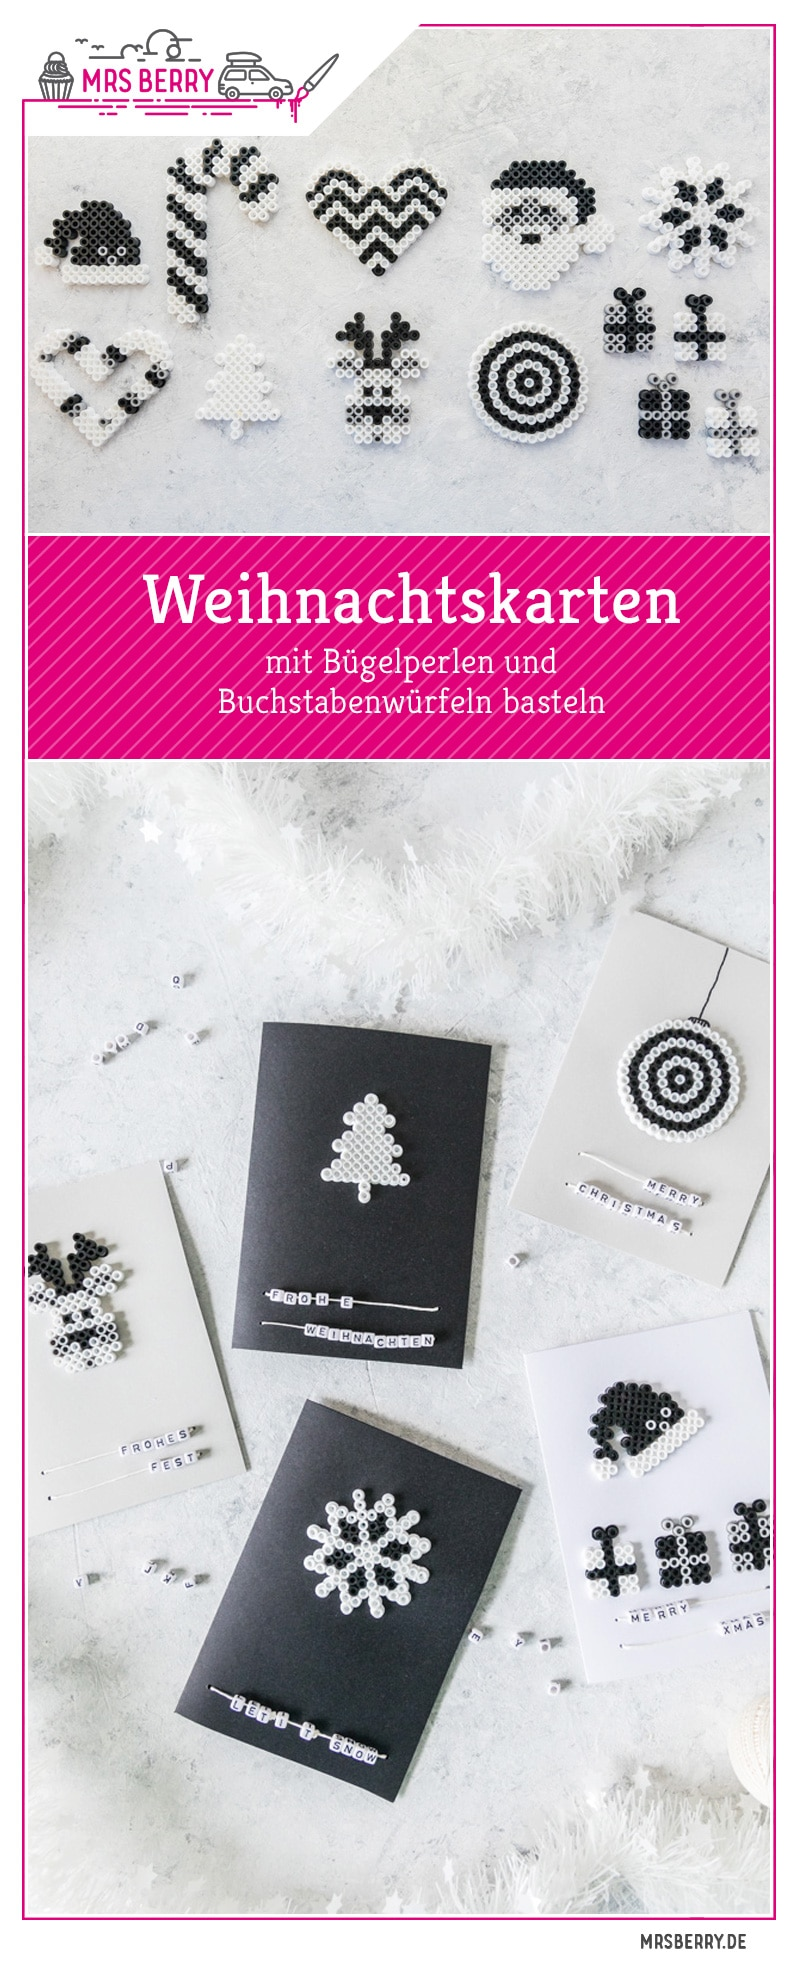 Weihnachtskarten basteln mit Bügelperlen. Ein schnelles DIY zum Basteln mit Kindern. Die liebevollen Weihnachtskarten für Oma, Opa & die Familie werden begeistern. Eine Anleitung dafür findet ihr im MrsBerry.de Blog.